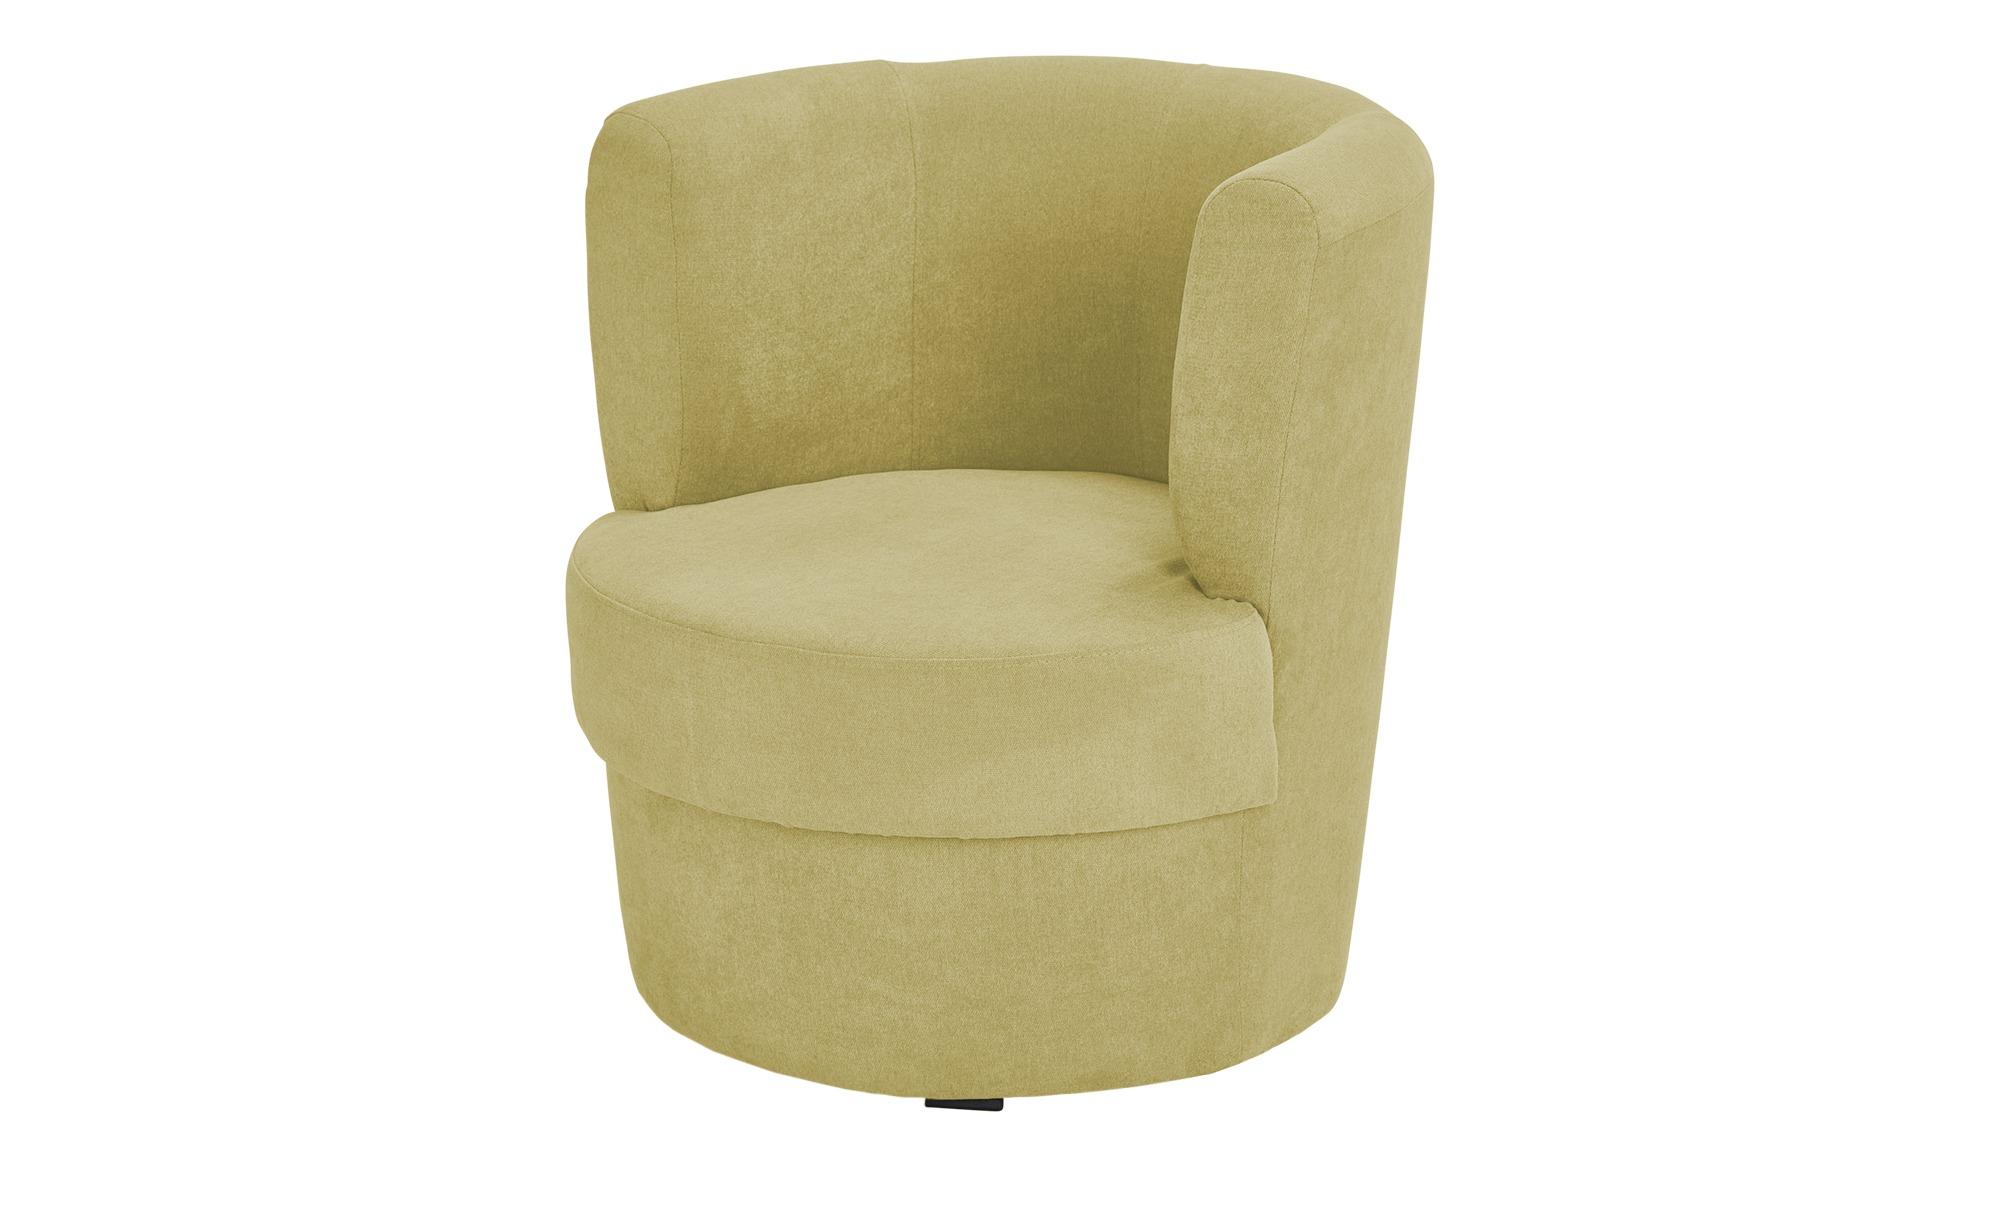 smart sessel marina breite 60 cm h he 69 cm gelb online kaufen bei woonio. Black Bedroom Furniture Sets. Home Design Ideas